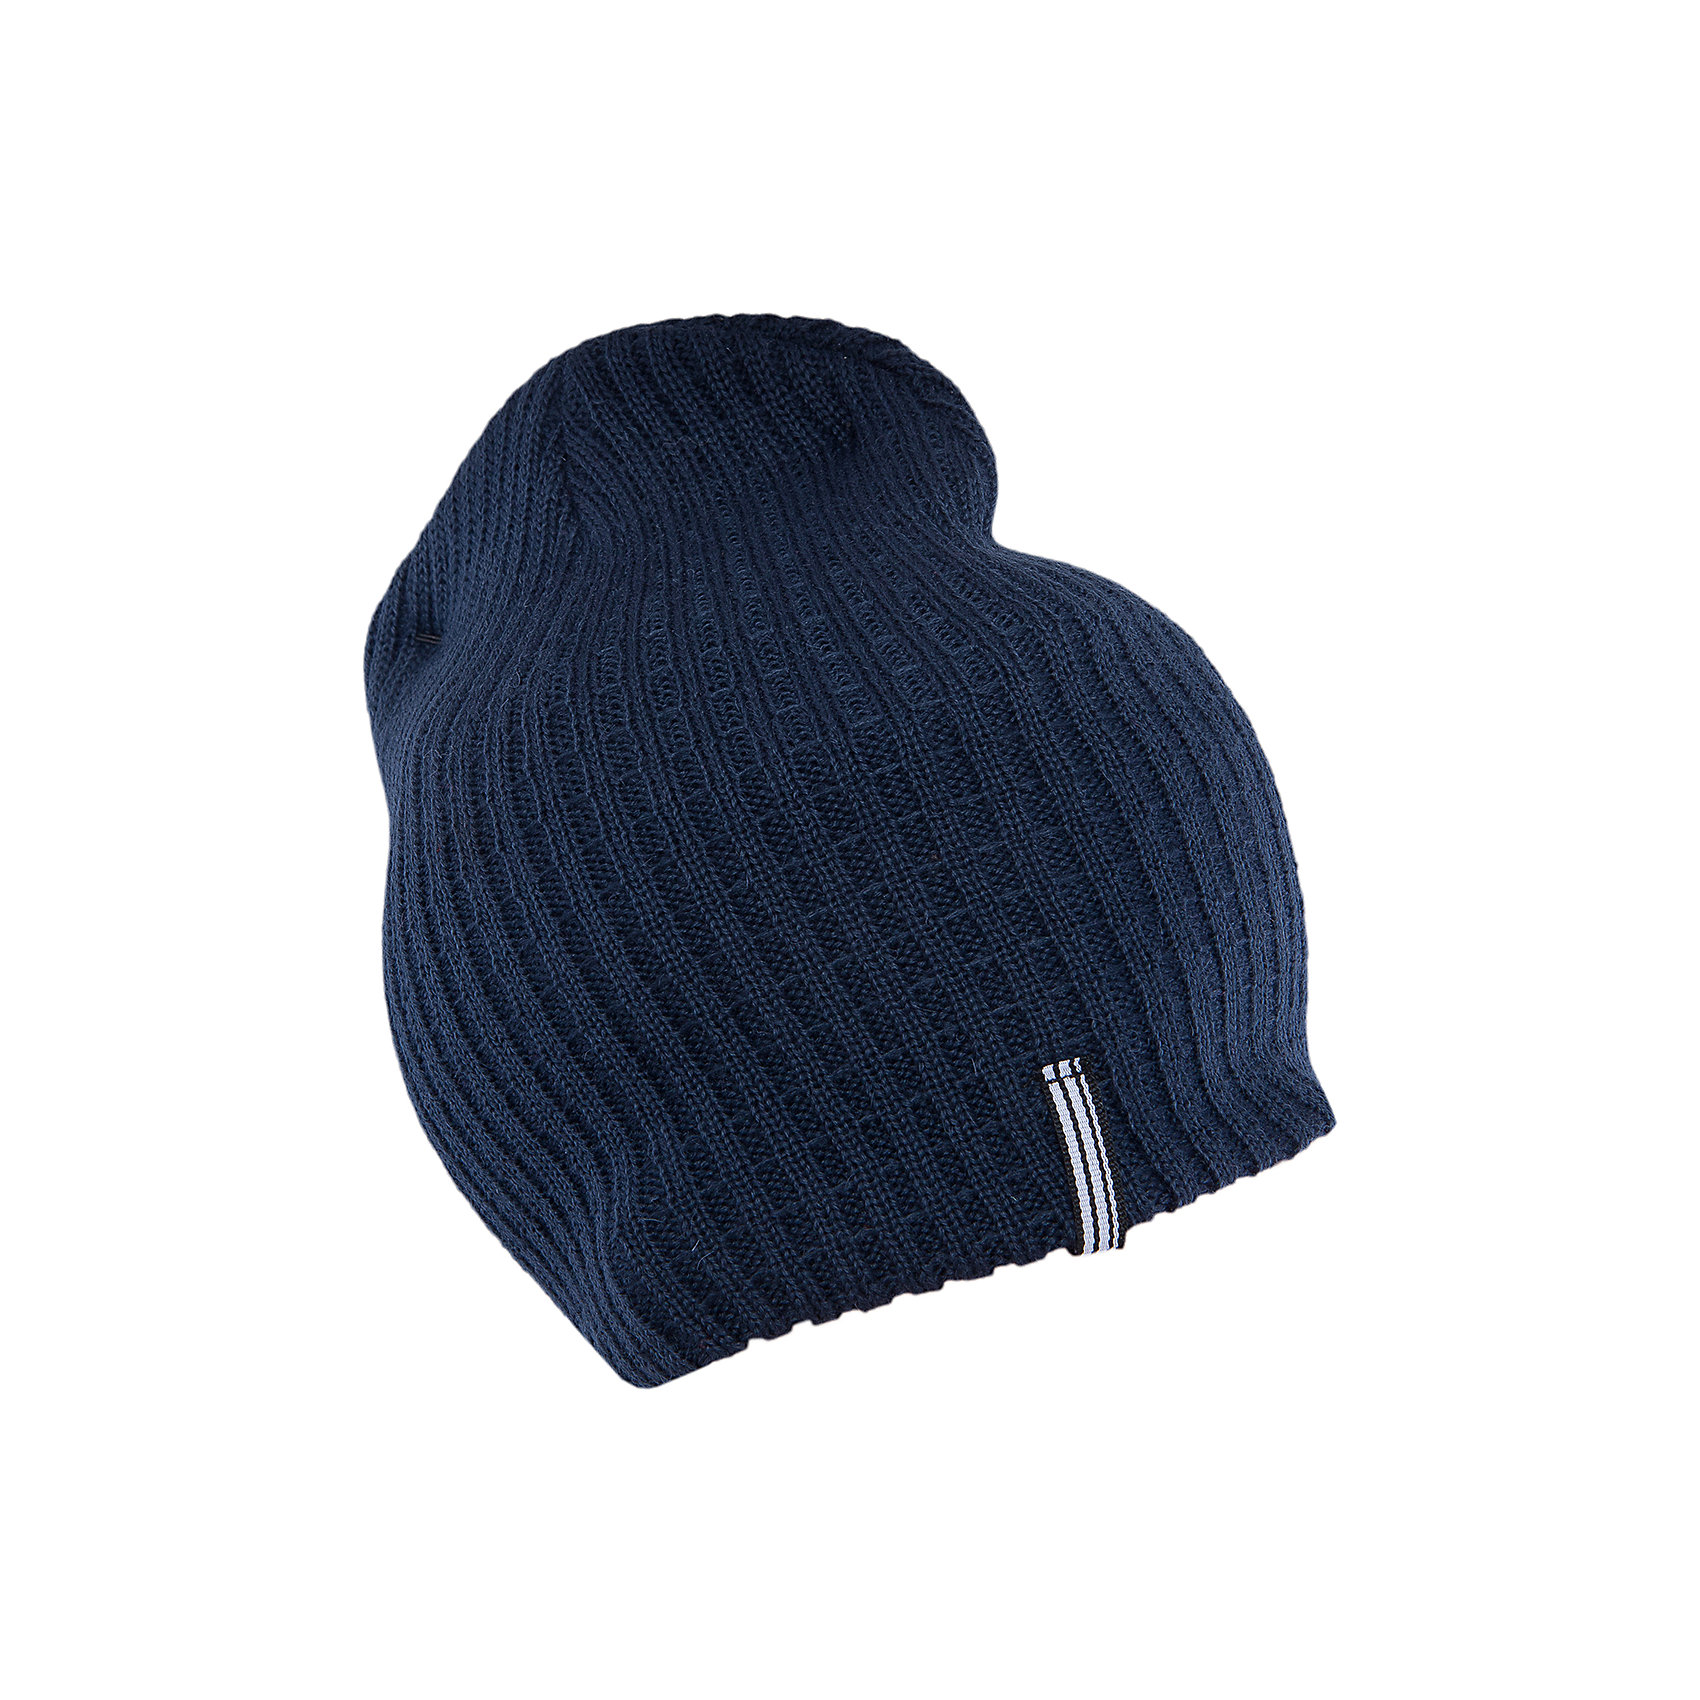 Шапка DIDRIKSONSШапка от известного бренда DIDRIKSONS.<br>Трикотажная двухслойная шапка. Эластичность материала обеспечивает отличную посадку. <br>Состав:<br>Шерсть 30%, акрил 70%<br><br>Ширина мм: 89<br>Глубина мм: 117<br>Высота мм: 44<br>Вес г: 155<br>Цвет: голубой<br>Возраст от месяцев: 72<br>Возраст до месяцев: 84<br>Пол: Унисекс<br>Возраст: Детский<br>Размер: one size<br>SKU: 5003966